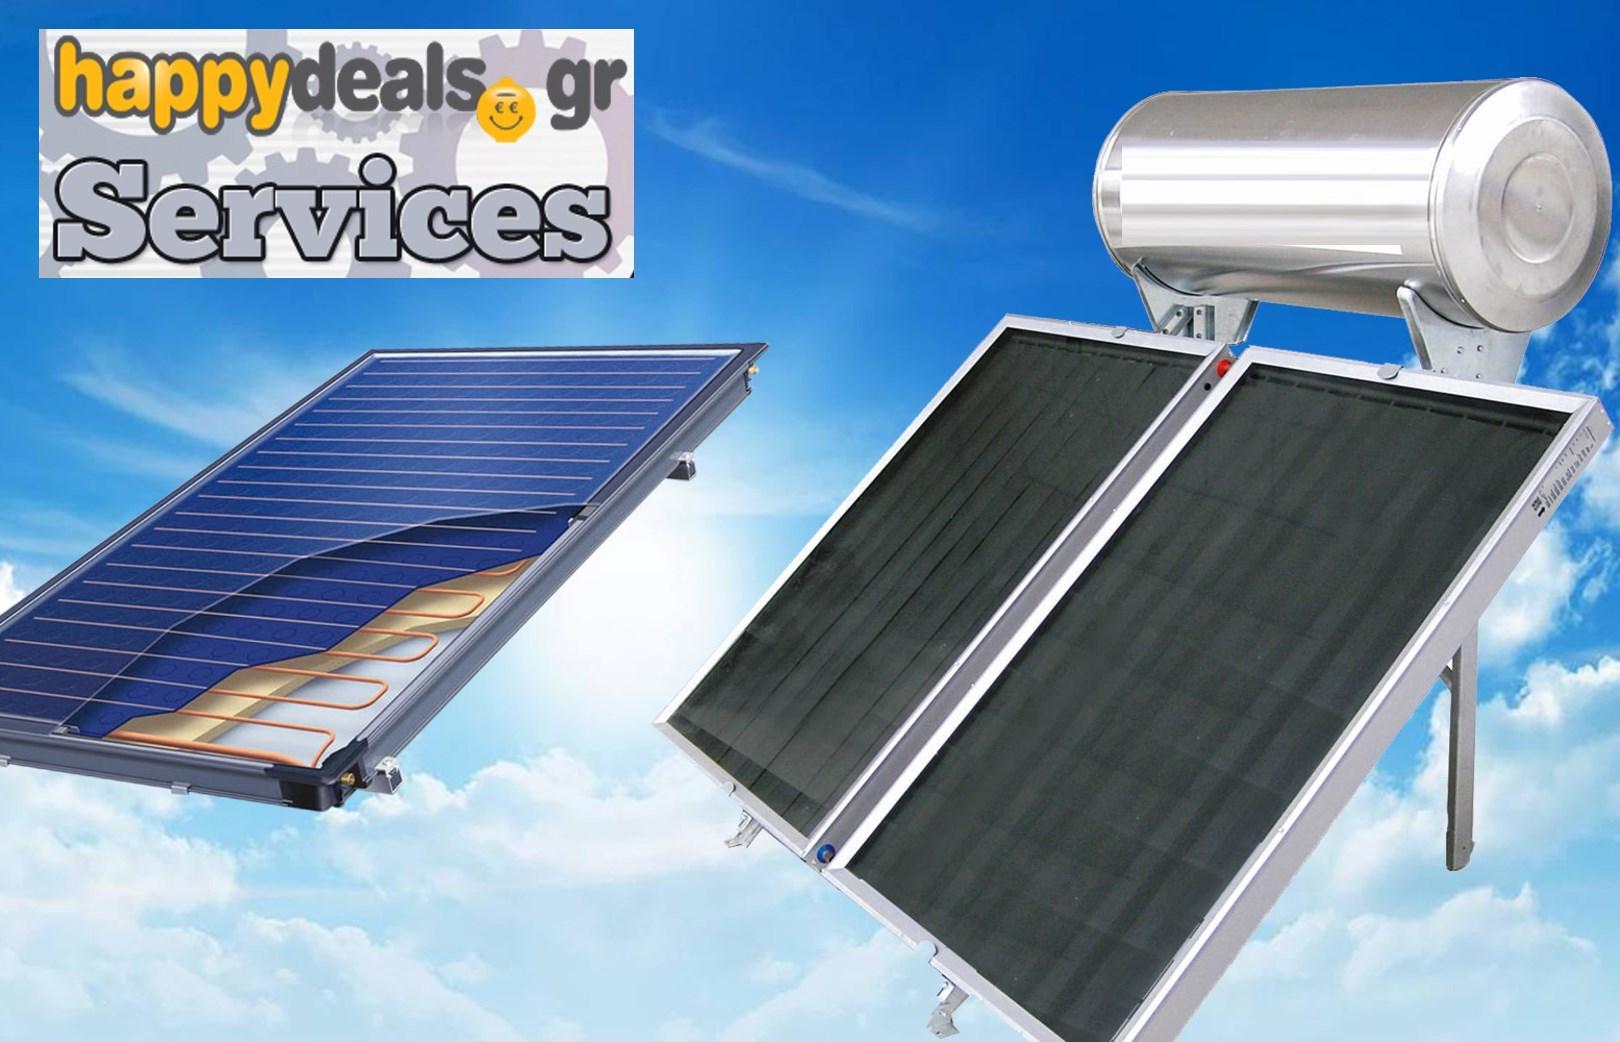 29€ από 80€ για Συντήρηση & Καθαρισμό Αλάτων Ηλιακού Θερμοσίφωνα ή Κεραμοσκεπής, με την εγγύηση του ''Happydeals Services''. Η καλύτερη τιμή της αγοράς, χωρίς μεσάζοντες & κρυφές χρεώσεις!